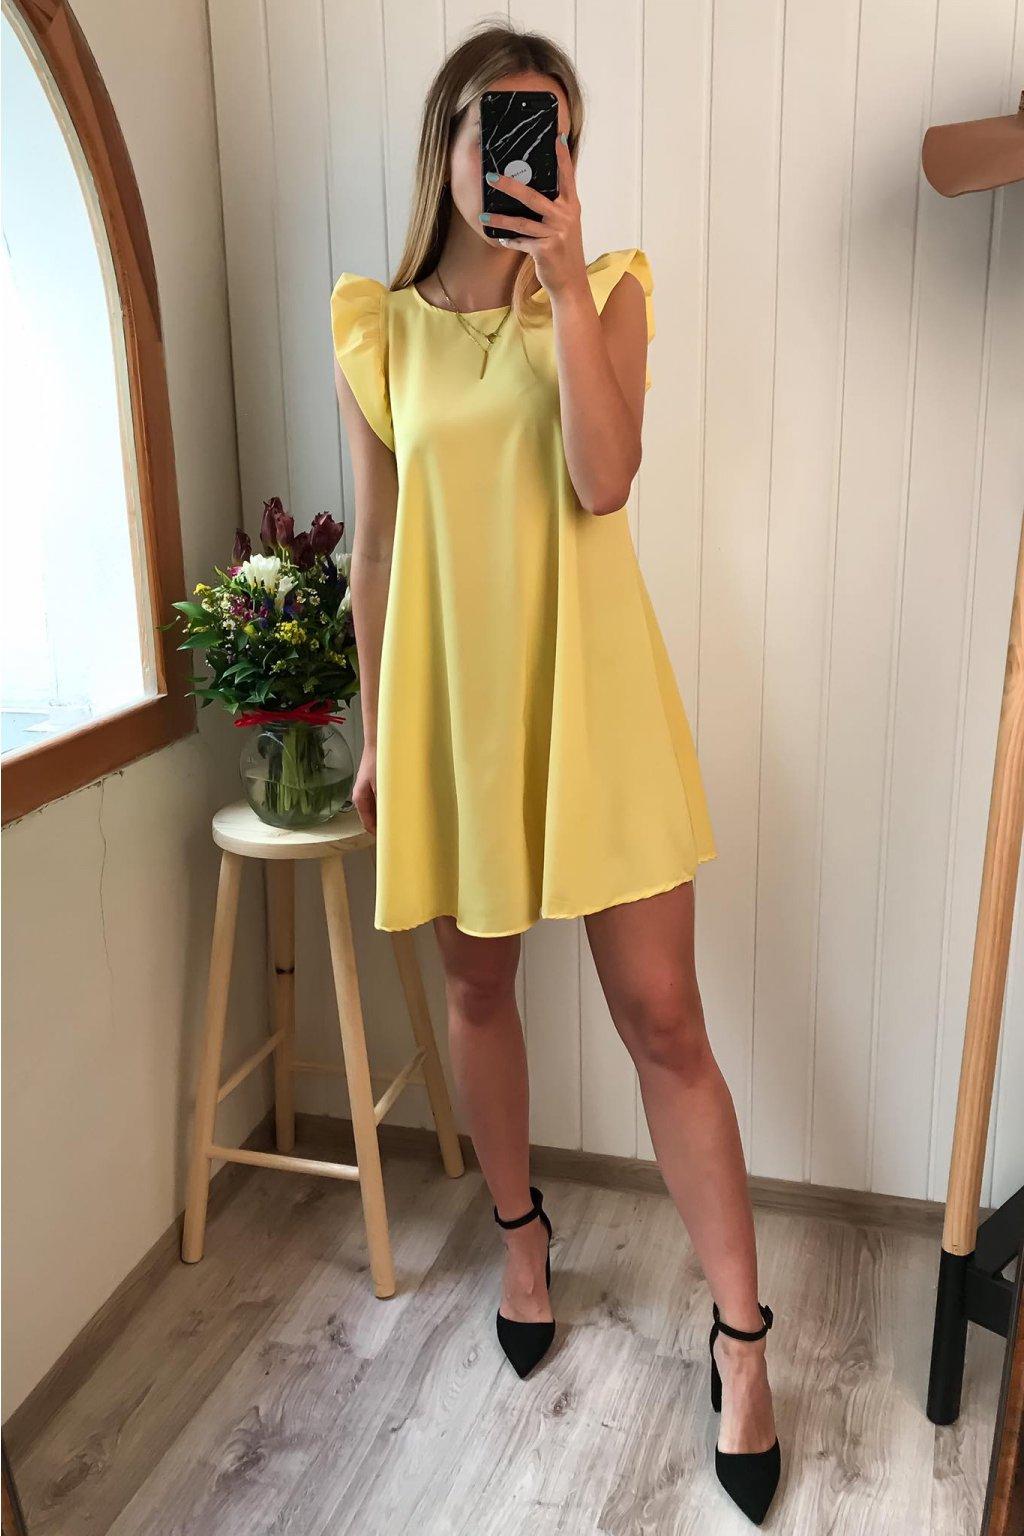 Žlté šaty s volánikom, spoločenské šaty, elegantné, letné šaty, svetlé šaty na príležitosť, šaty na oslavu, cribs Prešov, cribs Bardejov (1)